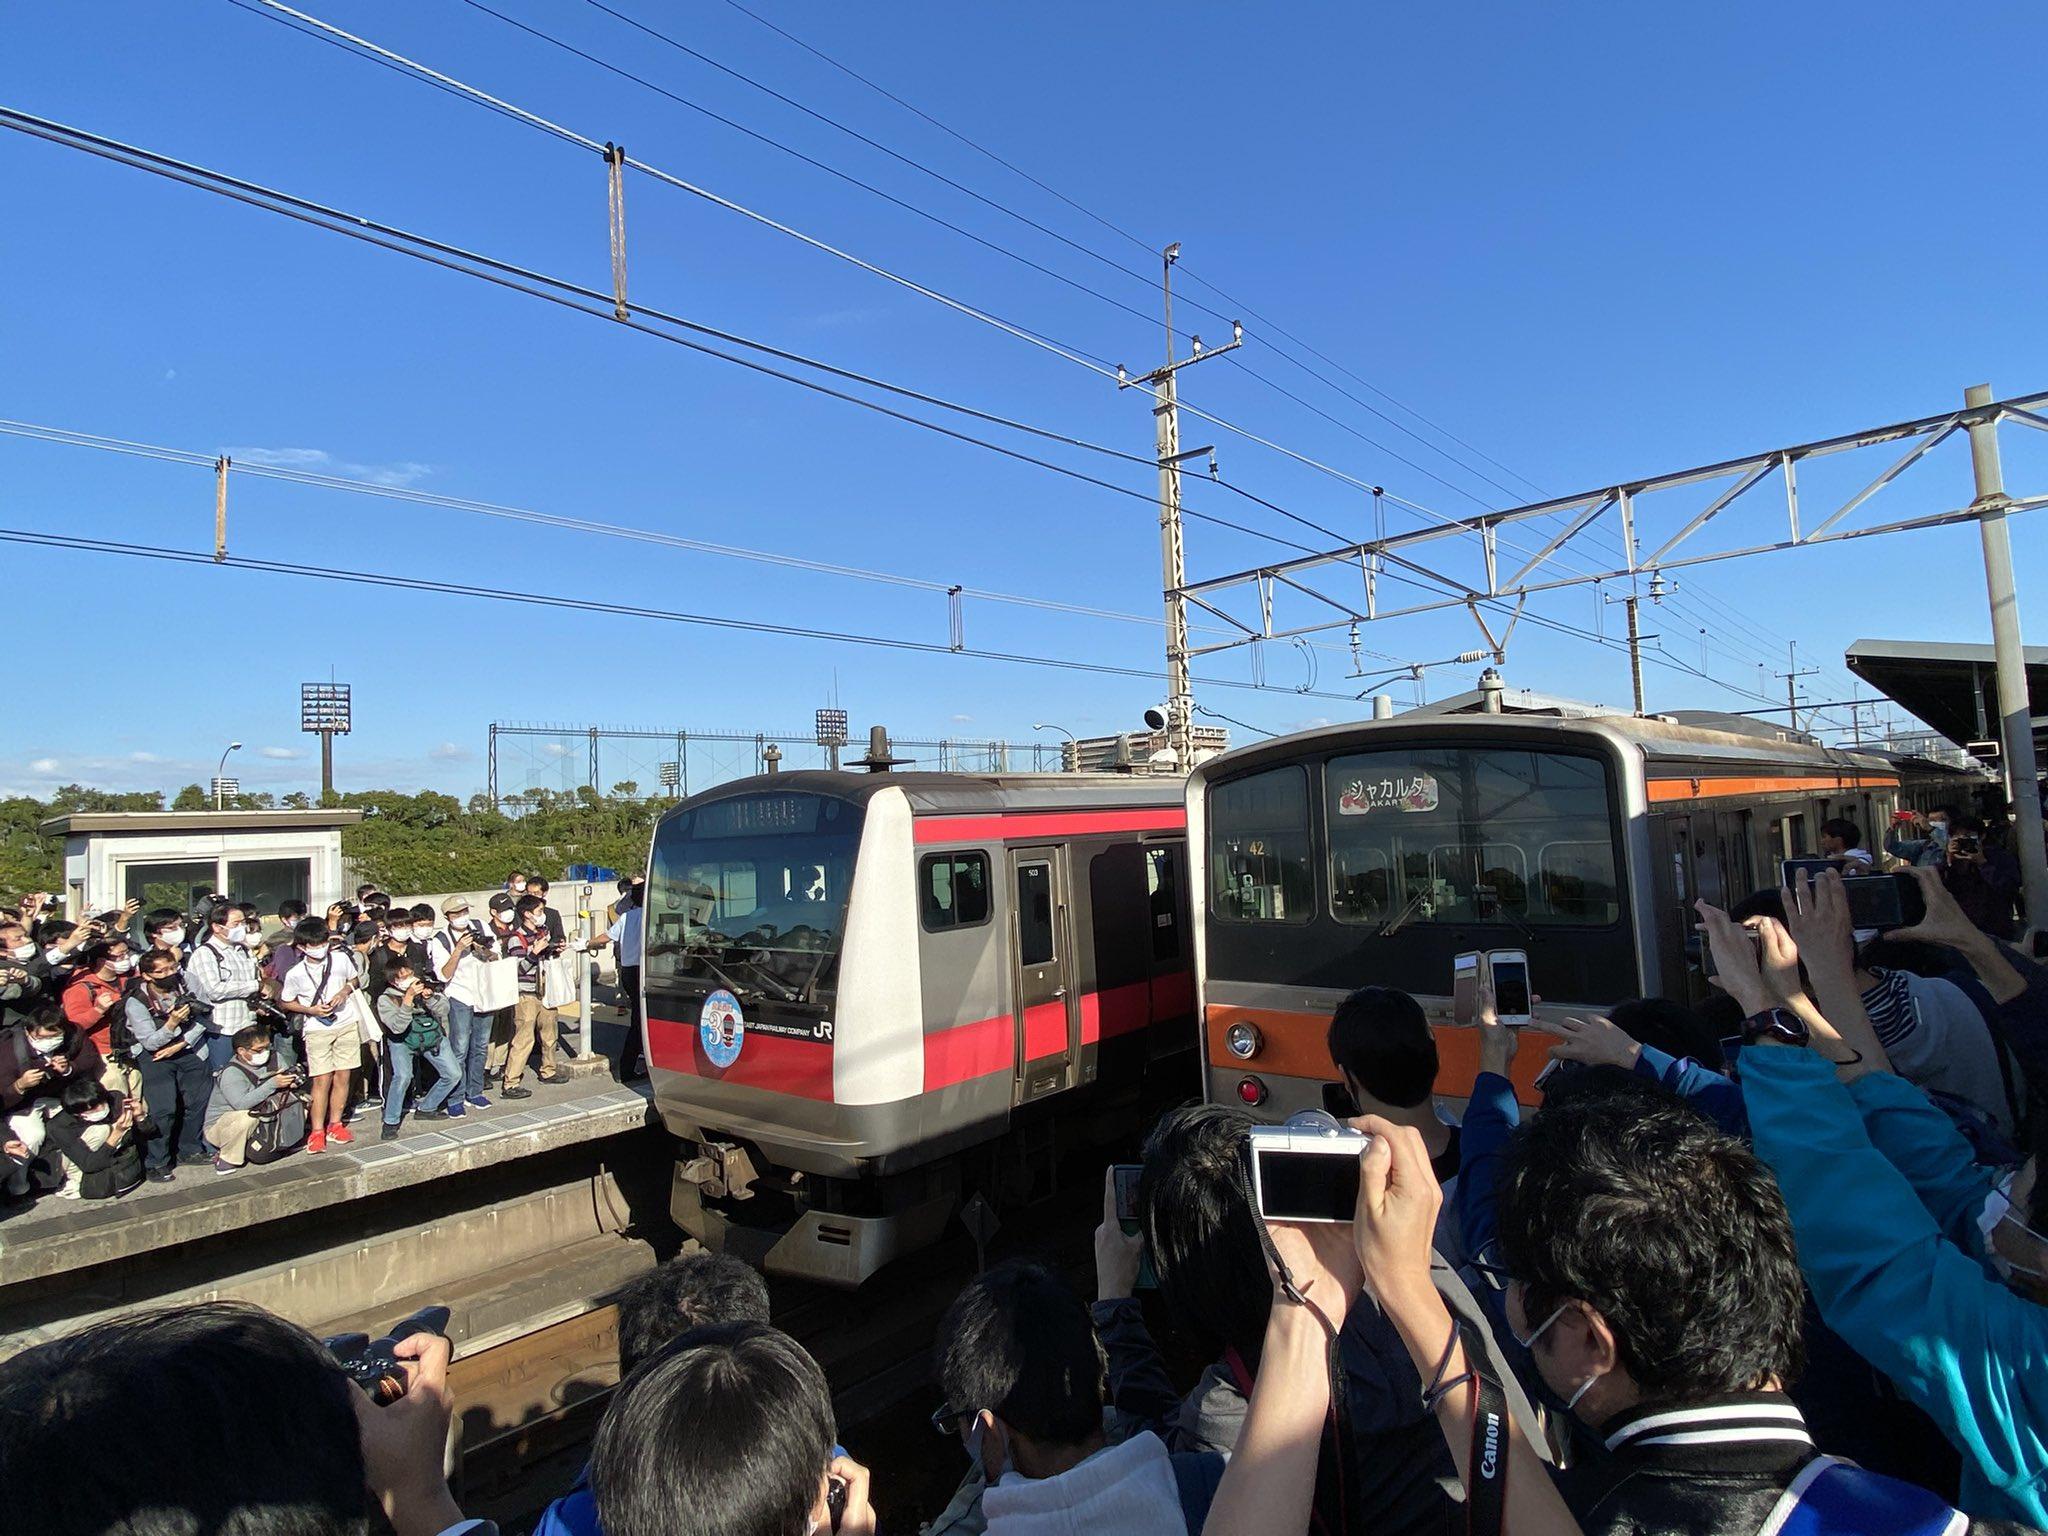 【最後のジャカルタ配給】武蔵野線205系ケヨM20編成 千葉貨物に配給輸送